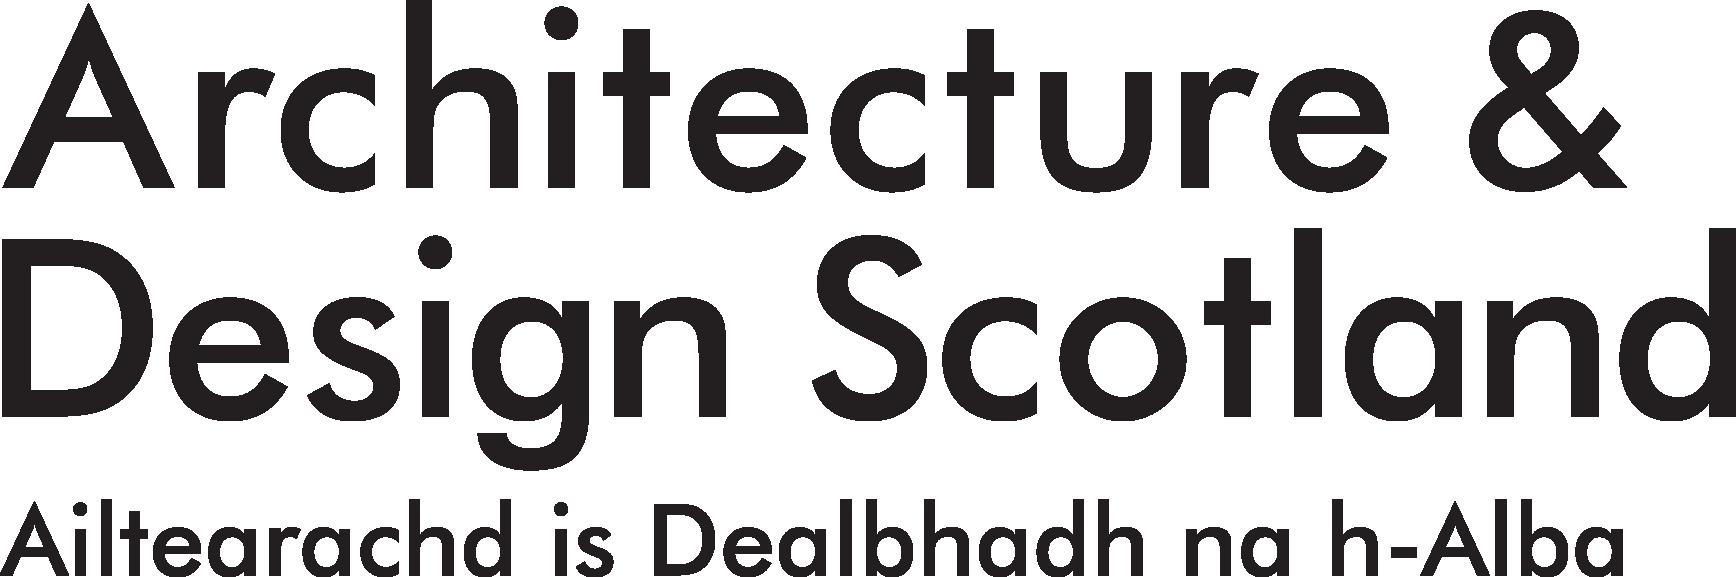 Architecture & Design Scotland